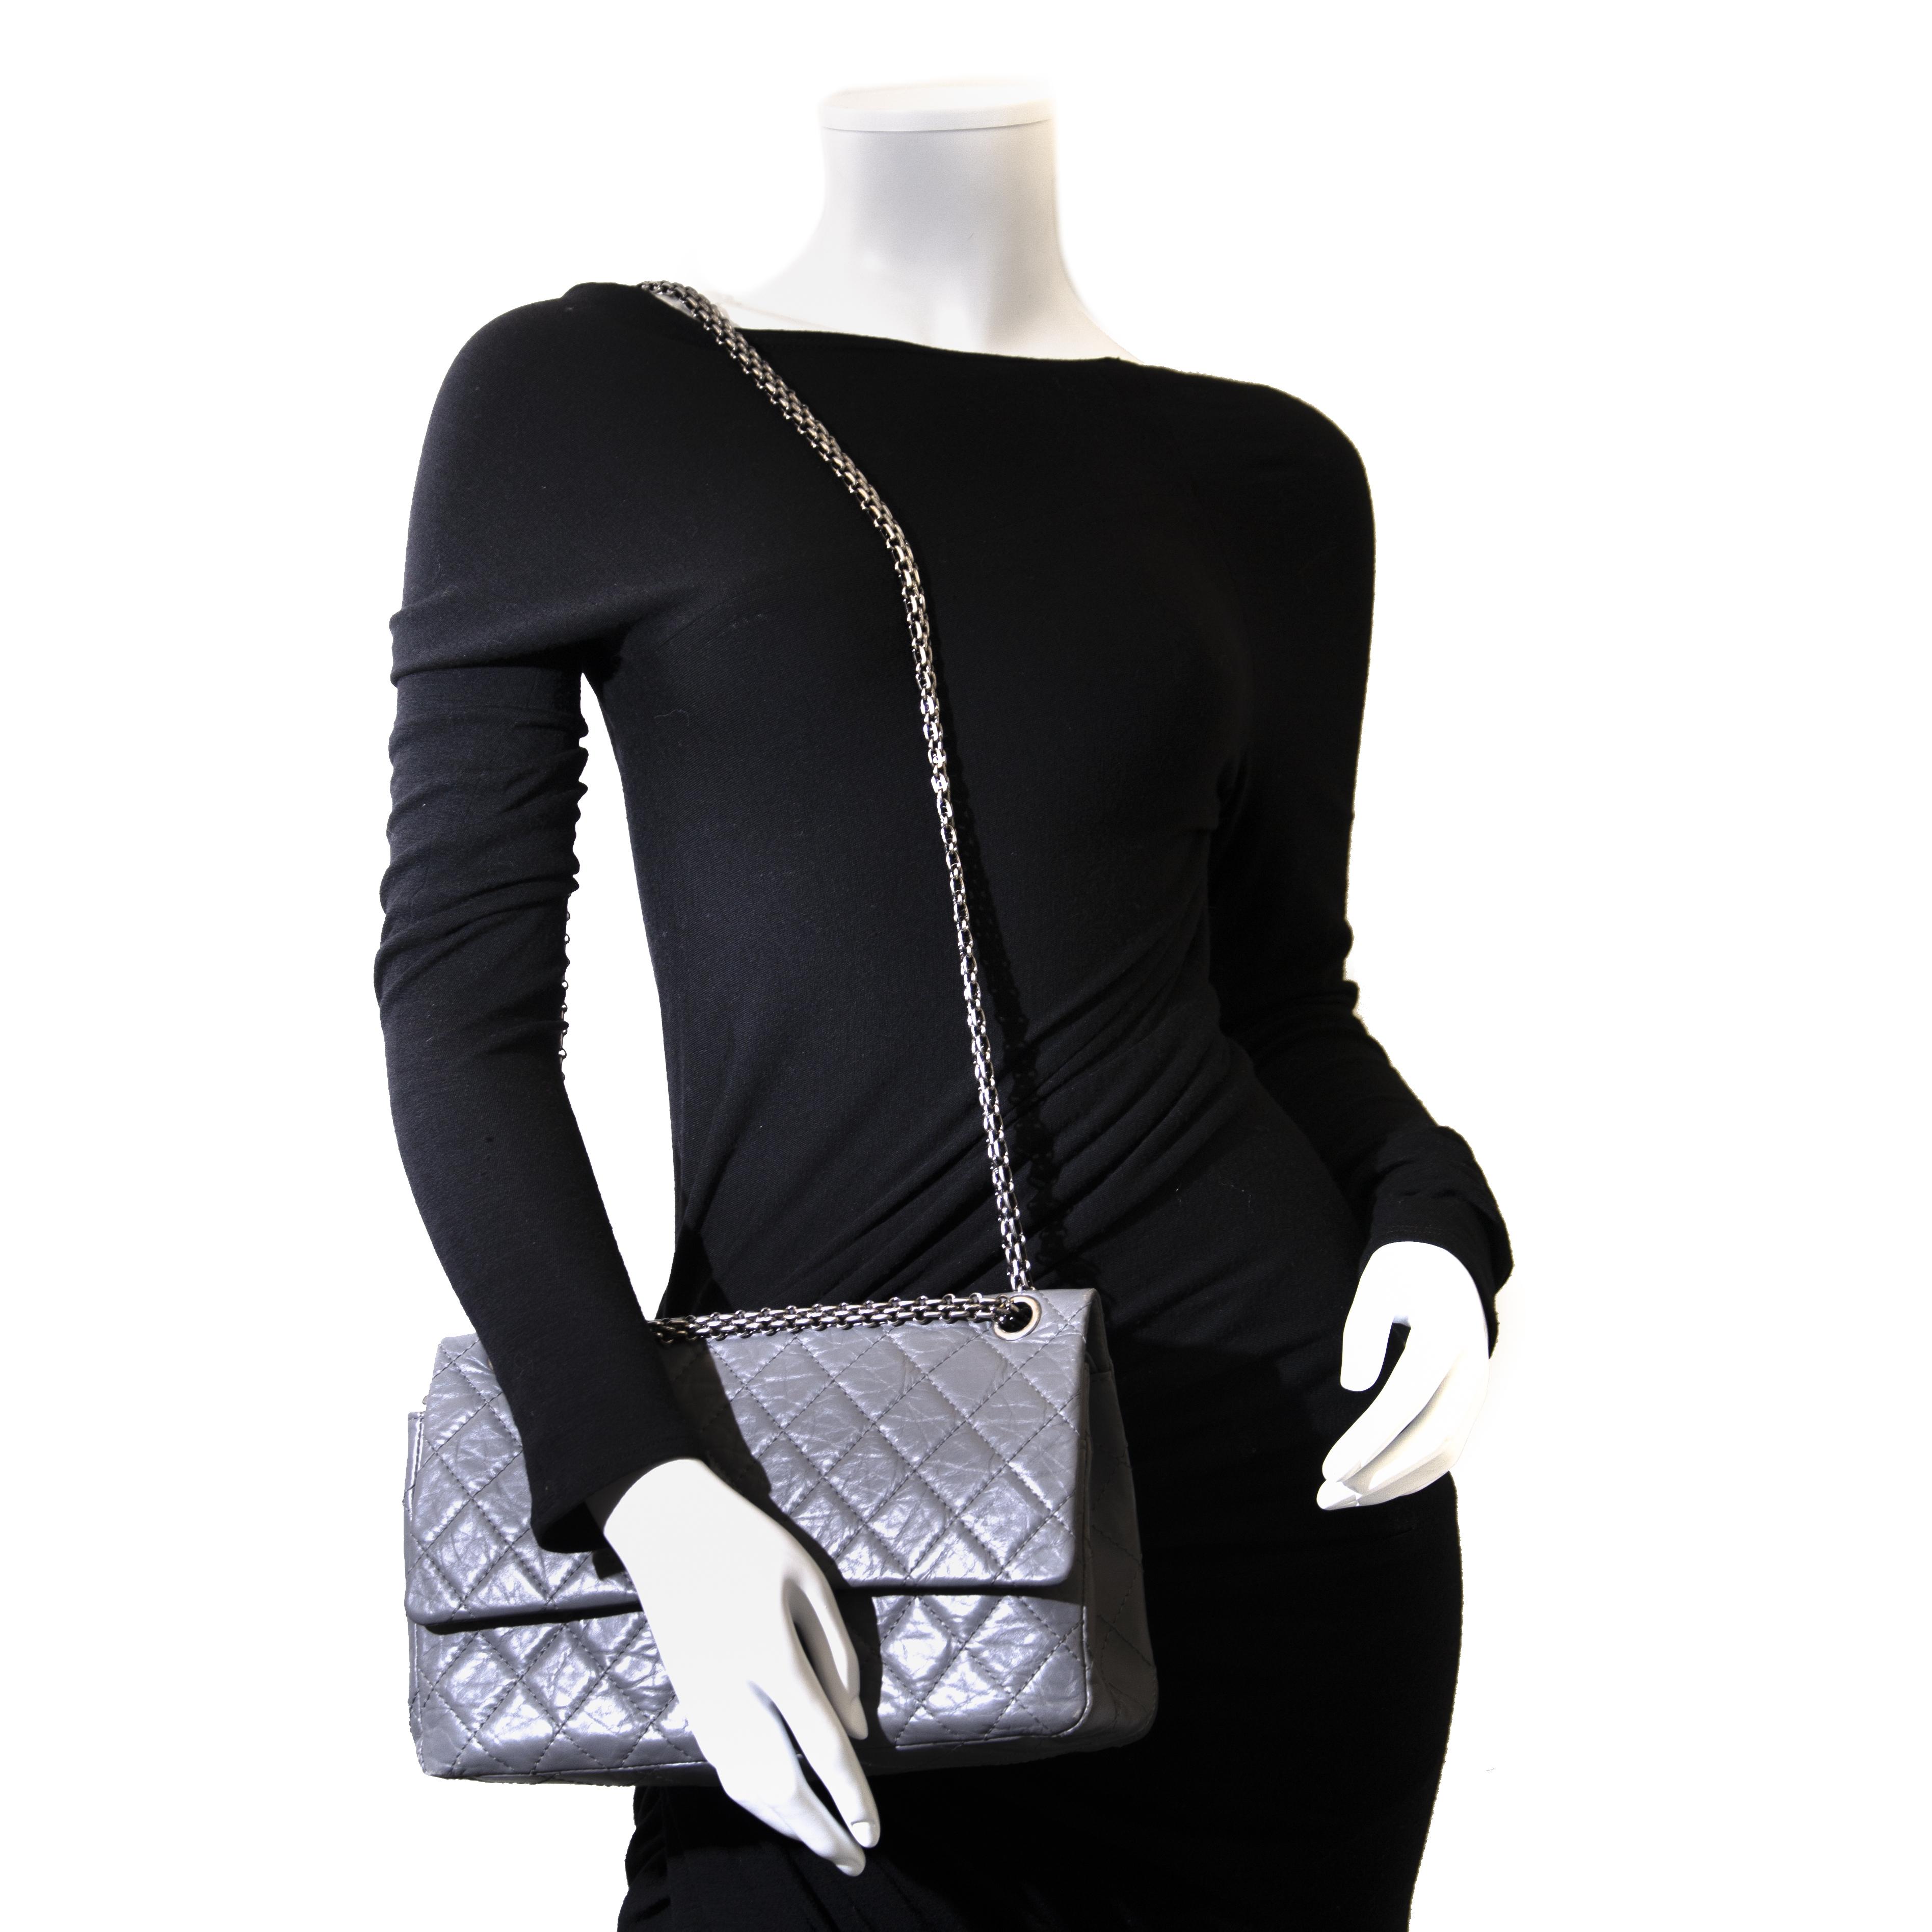 1c5b6eee4fb9 ... Flapbag acheter en ligne seconde main koop veilig online jou  tweedehands rey Aged Calfskin 2.55 Reissue 226 · Chanel